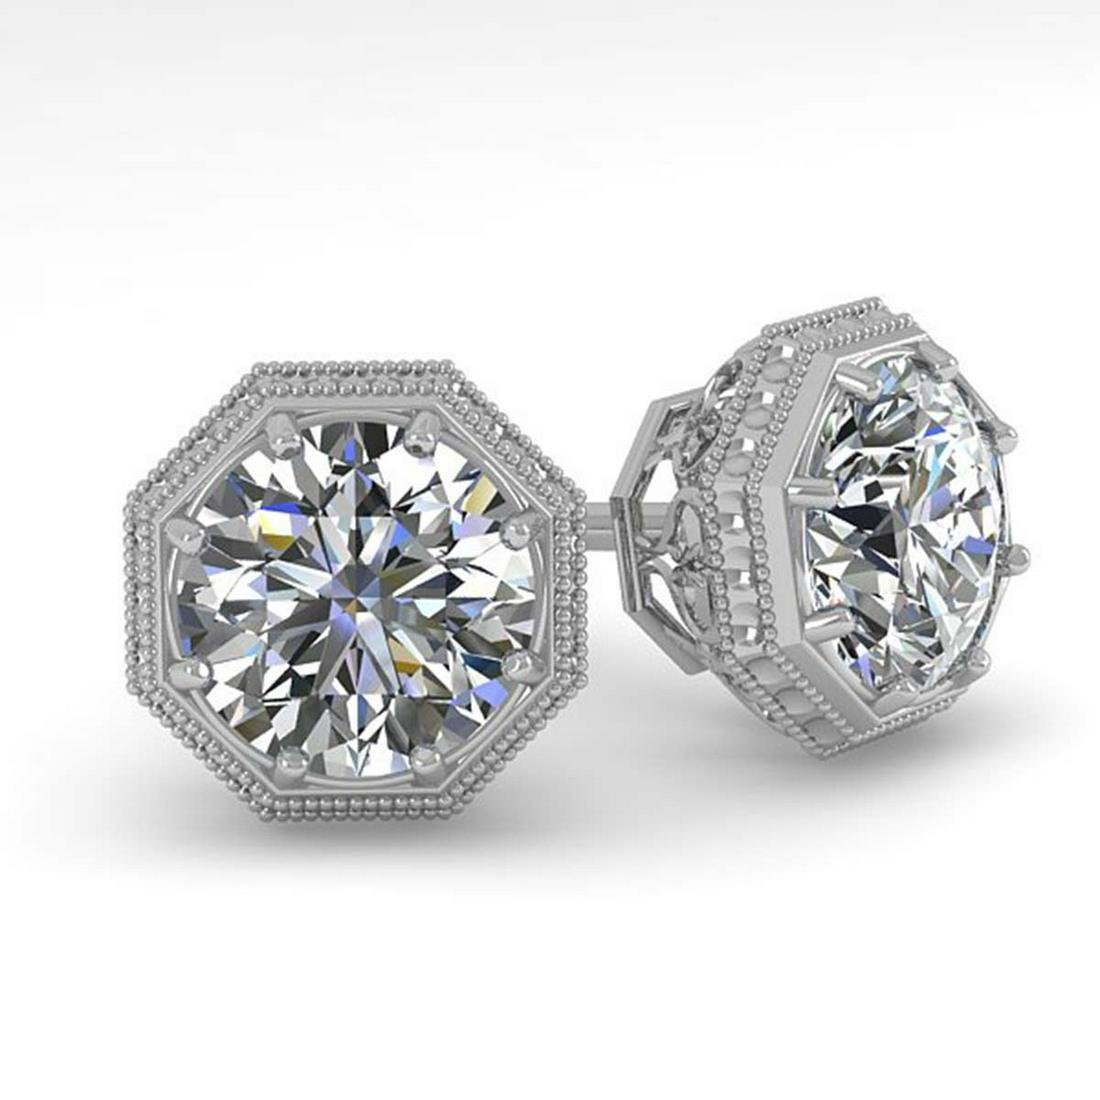 1.05 ctw VS/SI Diamond Stud Earrings 18K White Gold